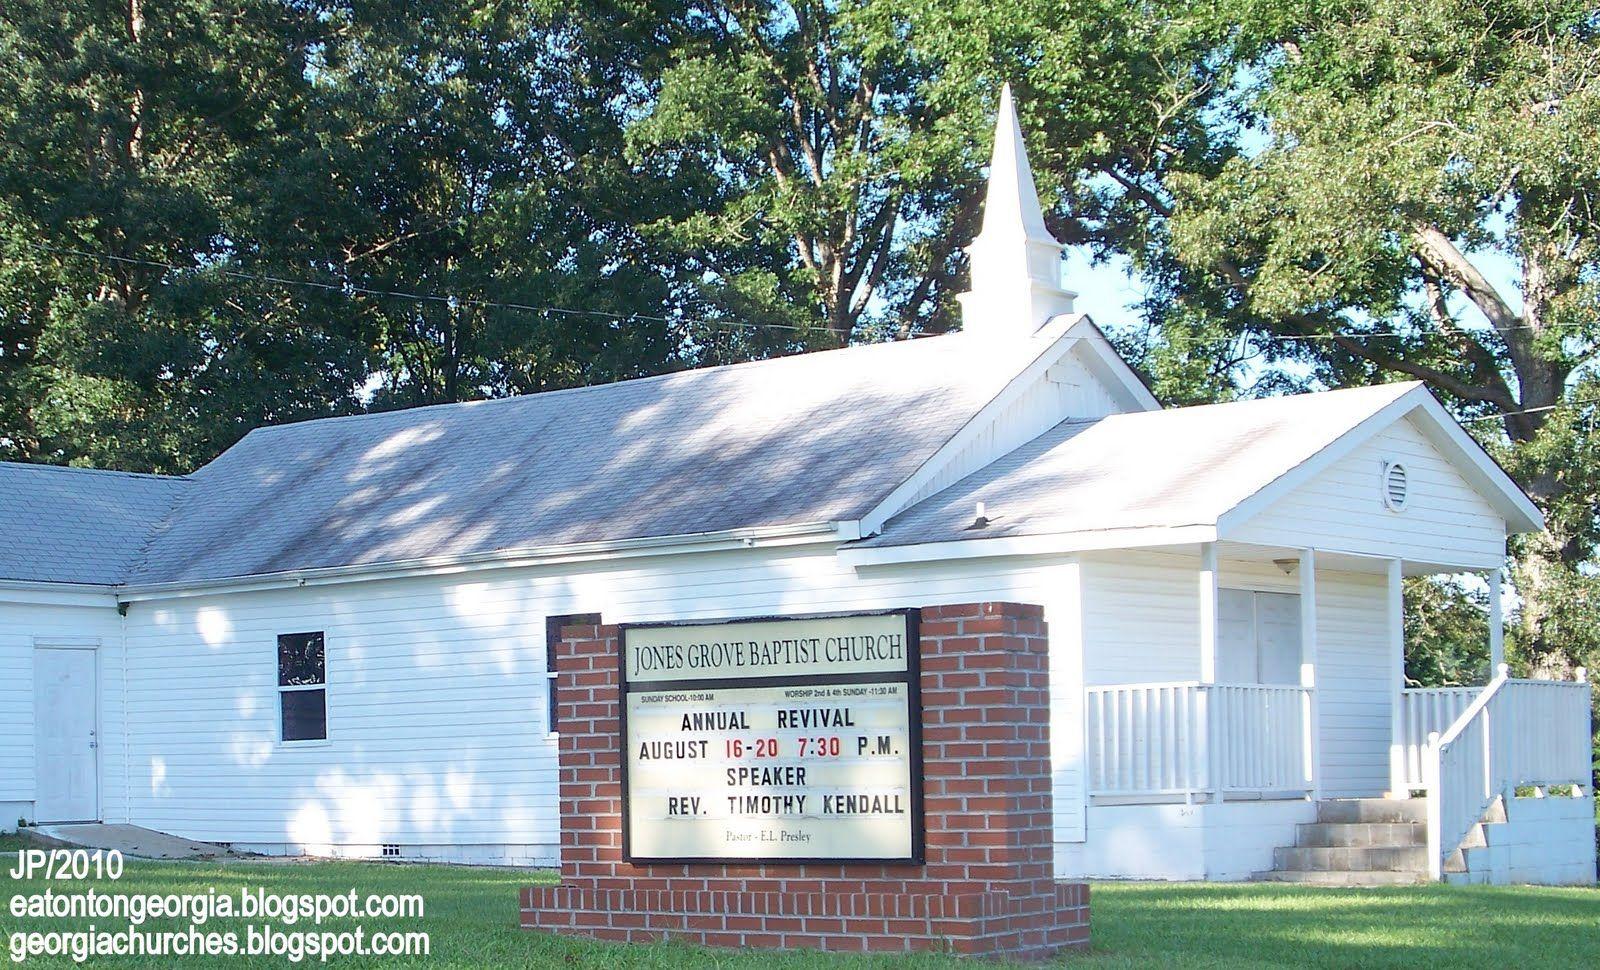 Pin On Churches In Georgia